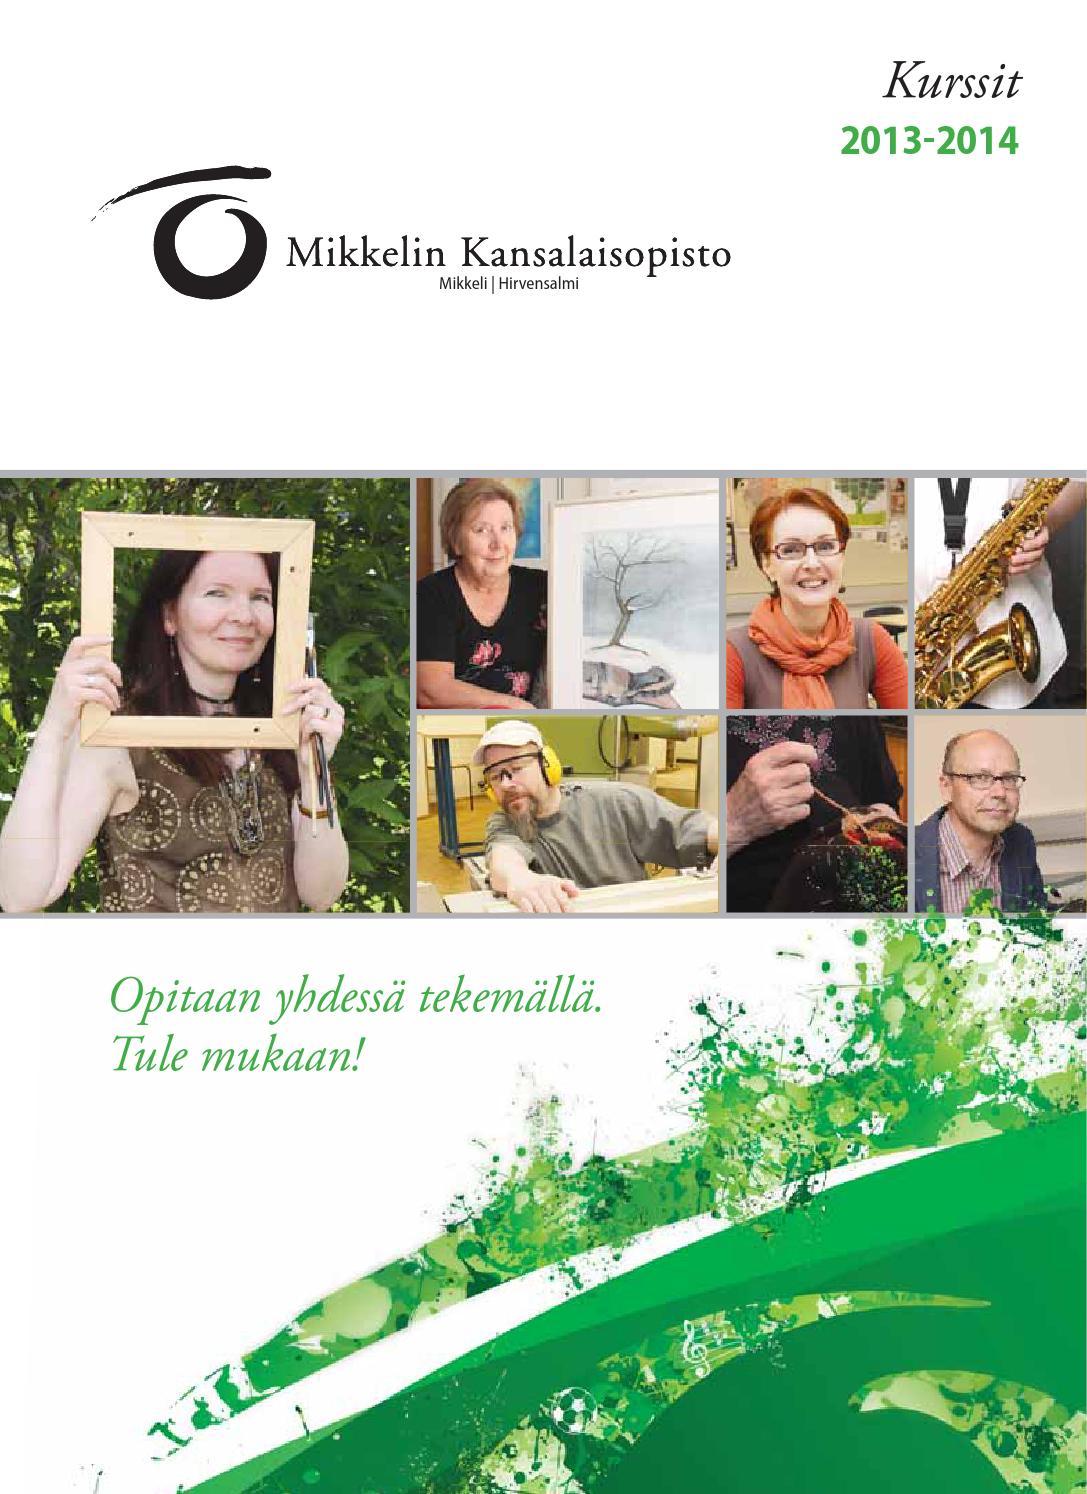 Mikkelin kansalaisopisto opettajat